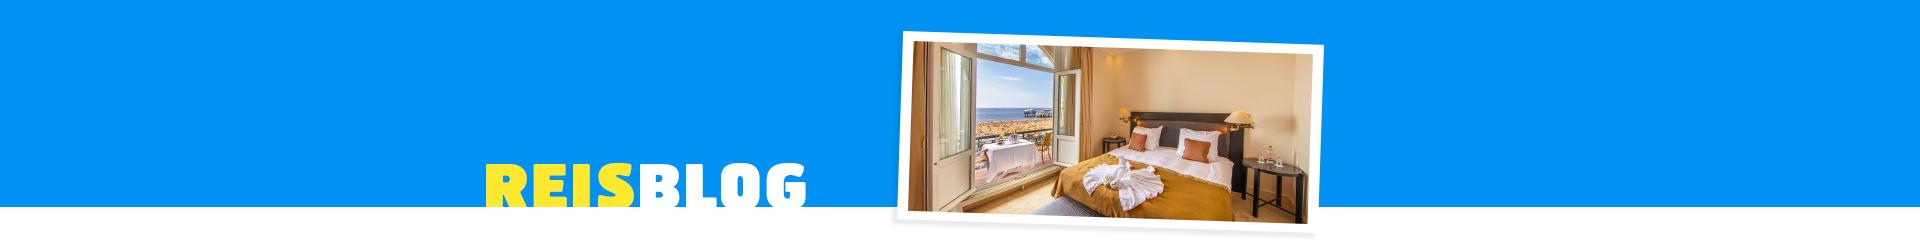 De leukste hotels aan de kust in Nederland